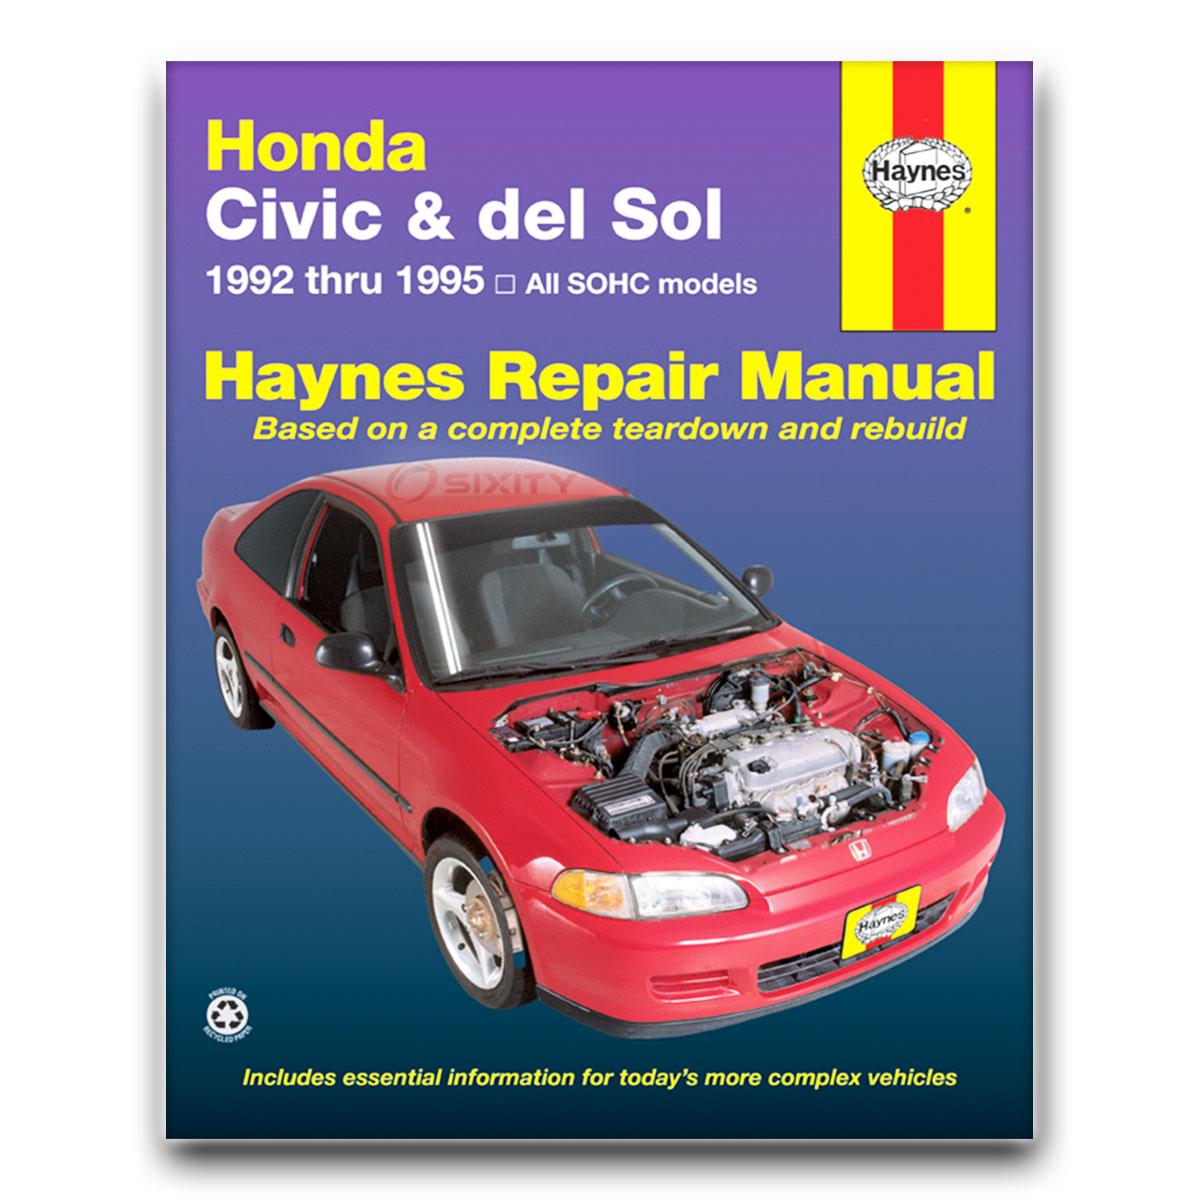 57 Modifikasi Mobil Honda Civic 2001